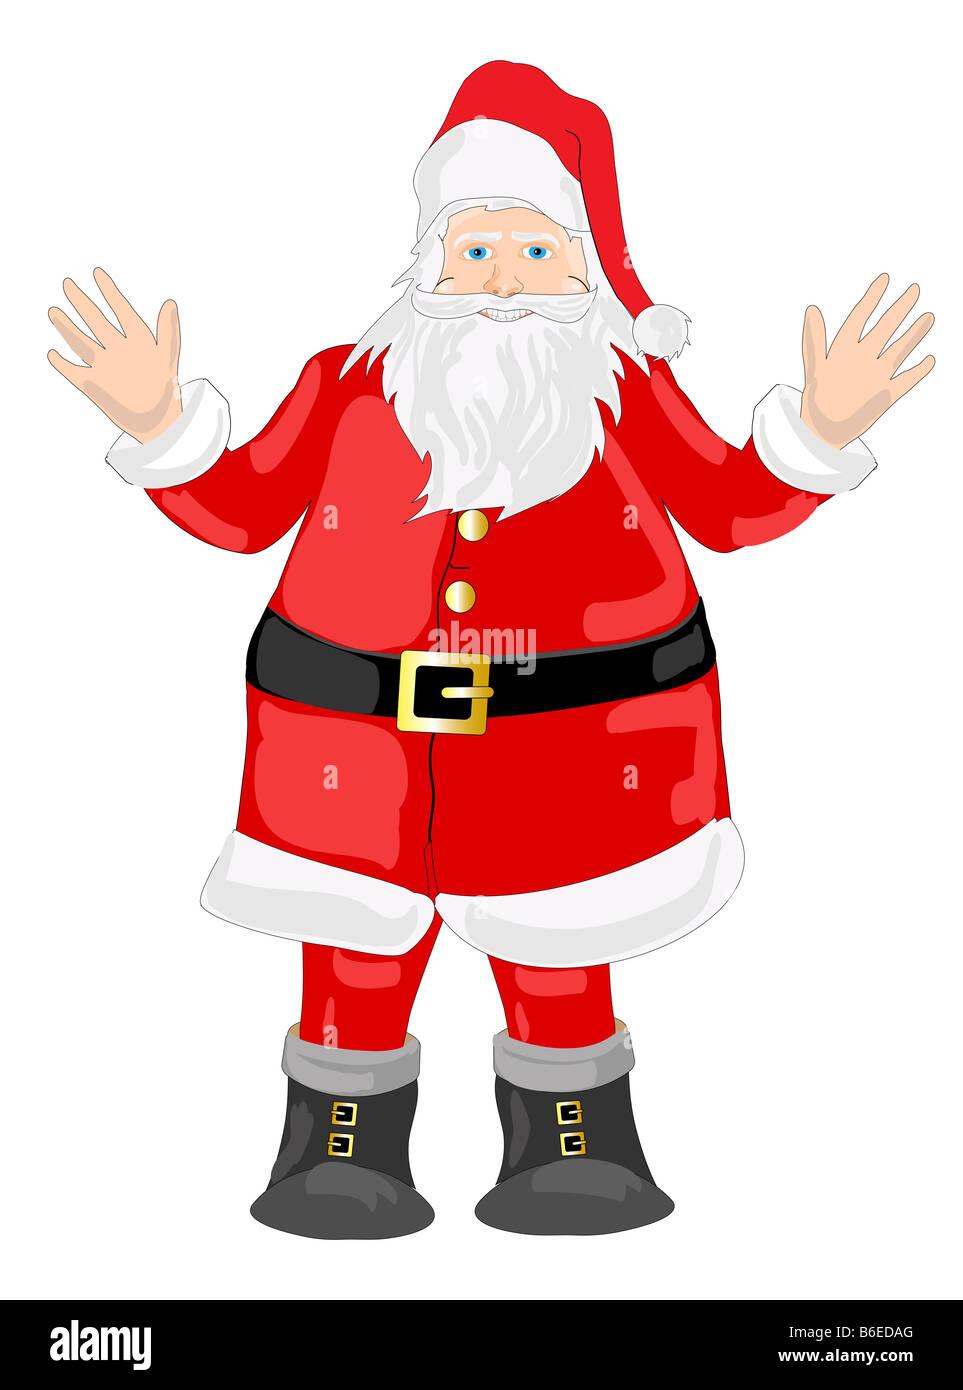 Beispiel für ein lächelnden Weihnachtsmann, ich wünsche Ihnen ein ...